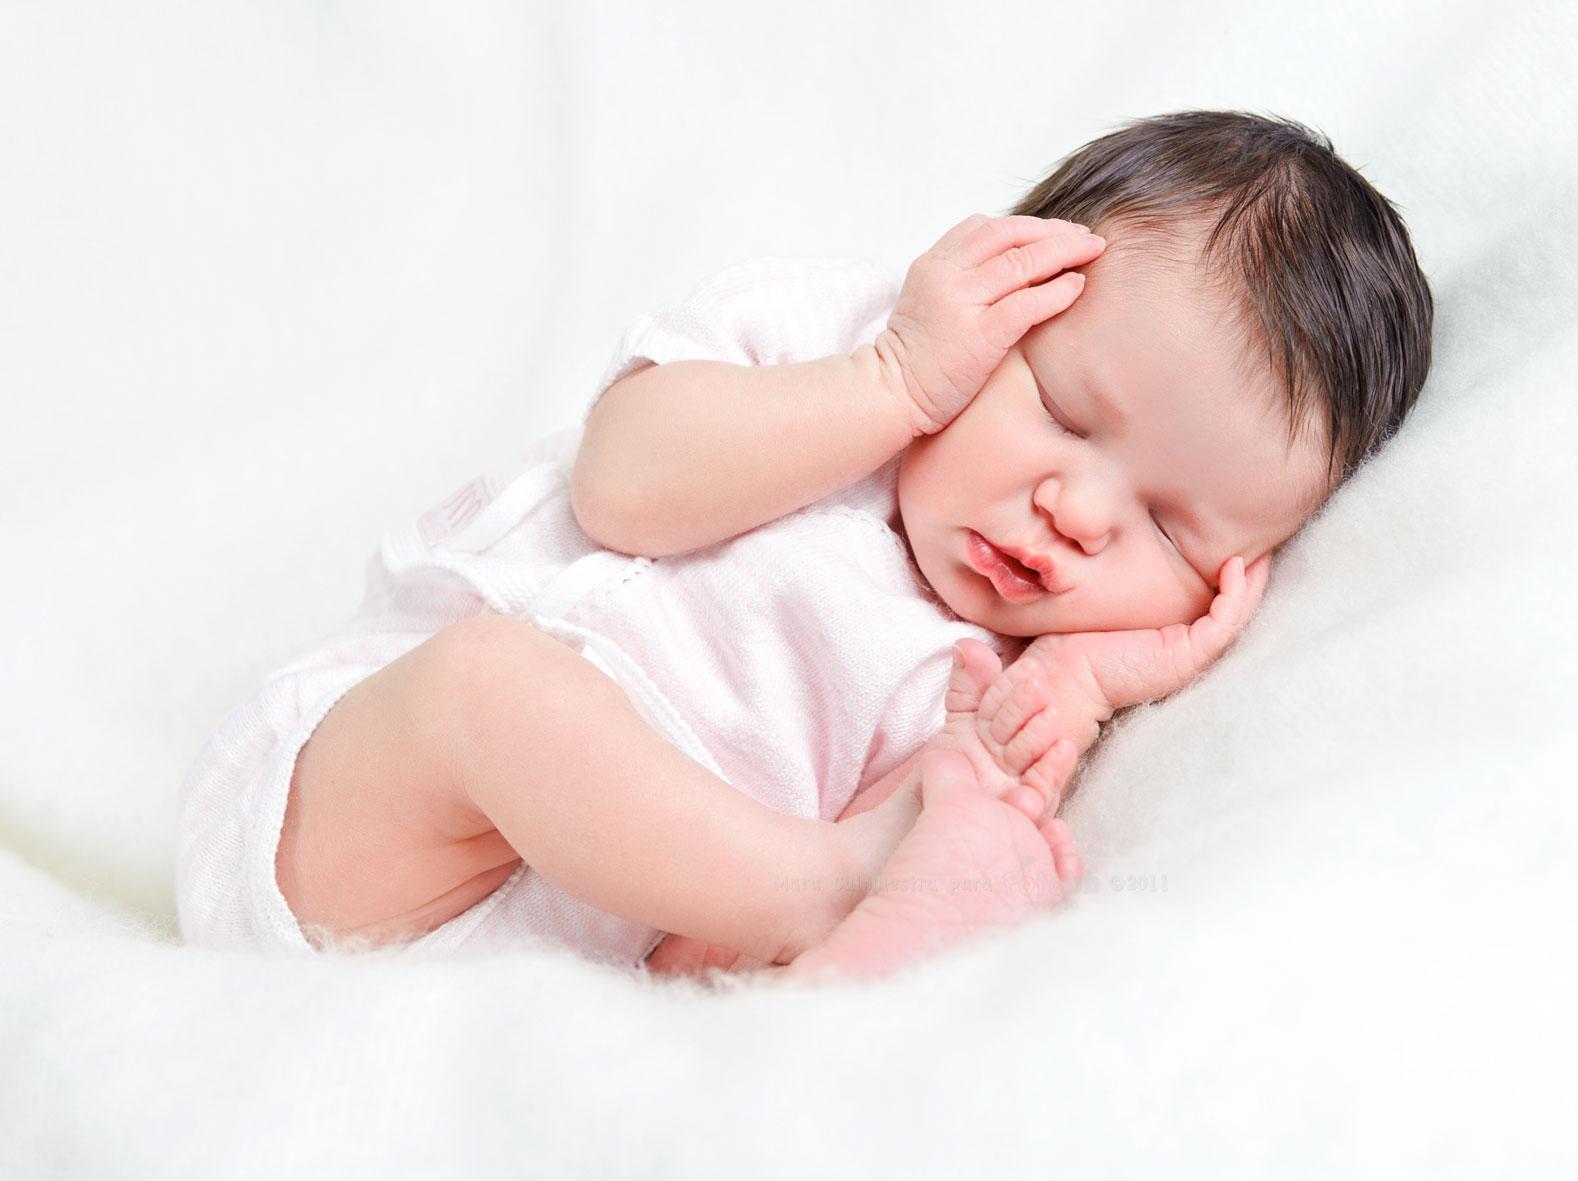 Cuidado de niños recién nacidos